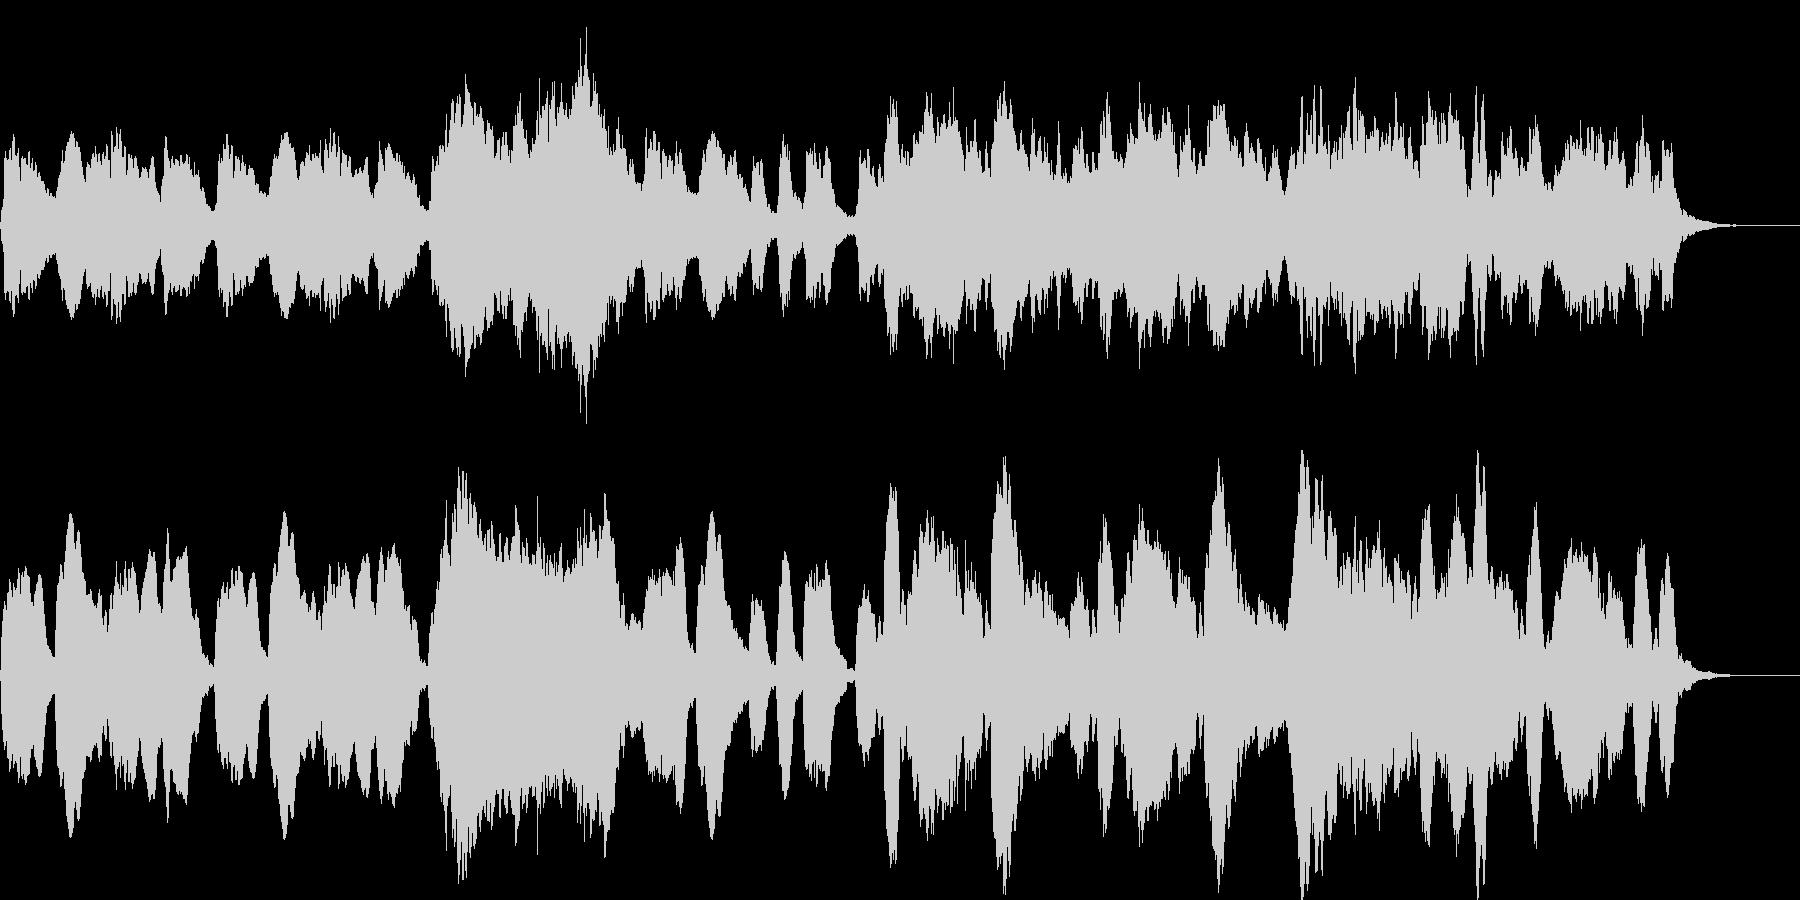 のんびりする優しい木管三重奏の未再生の波形